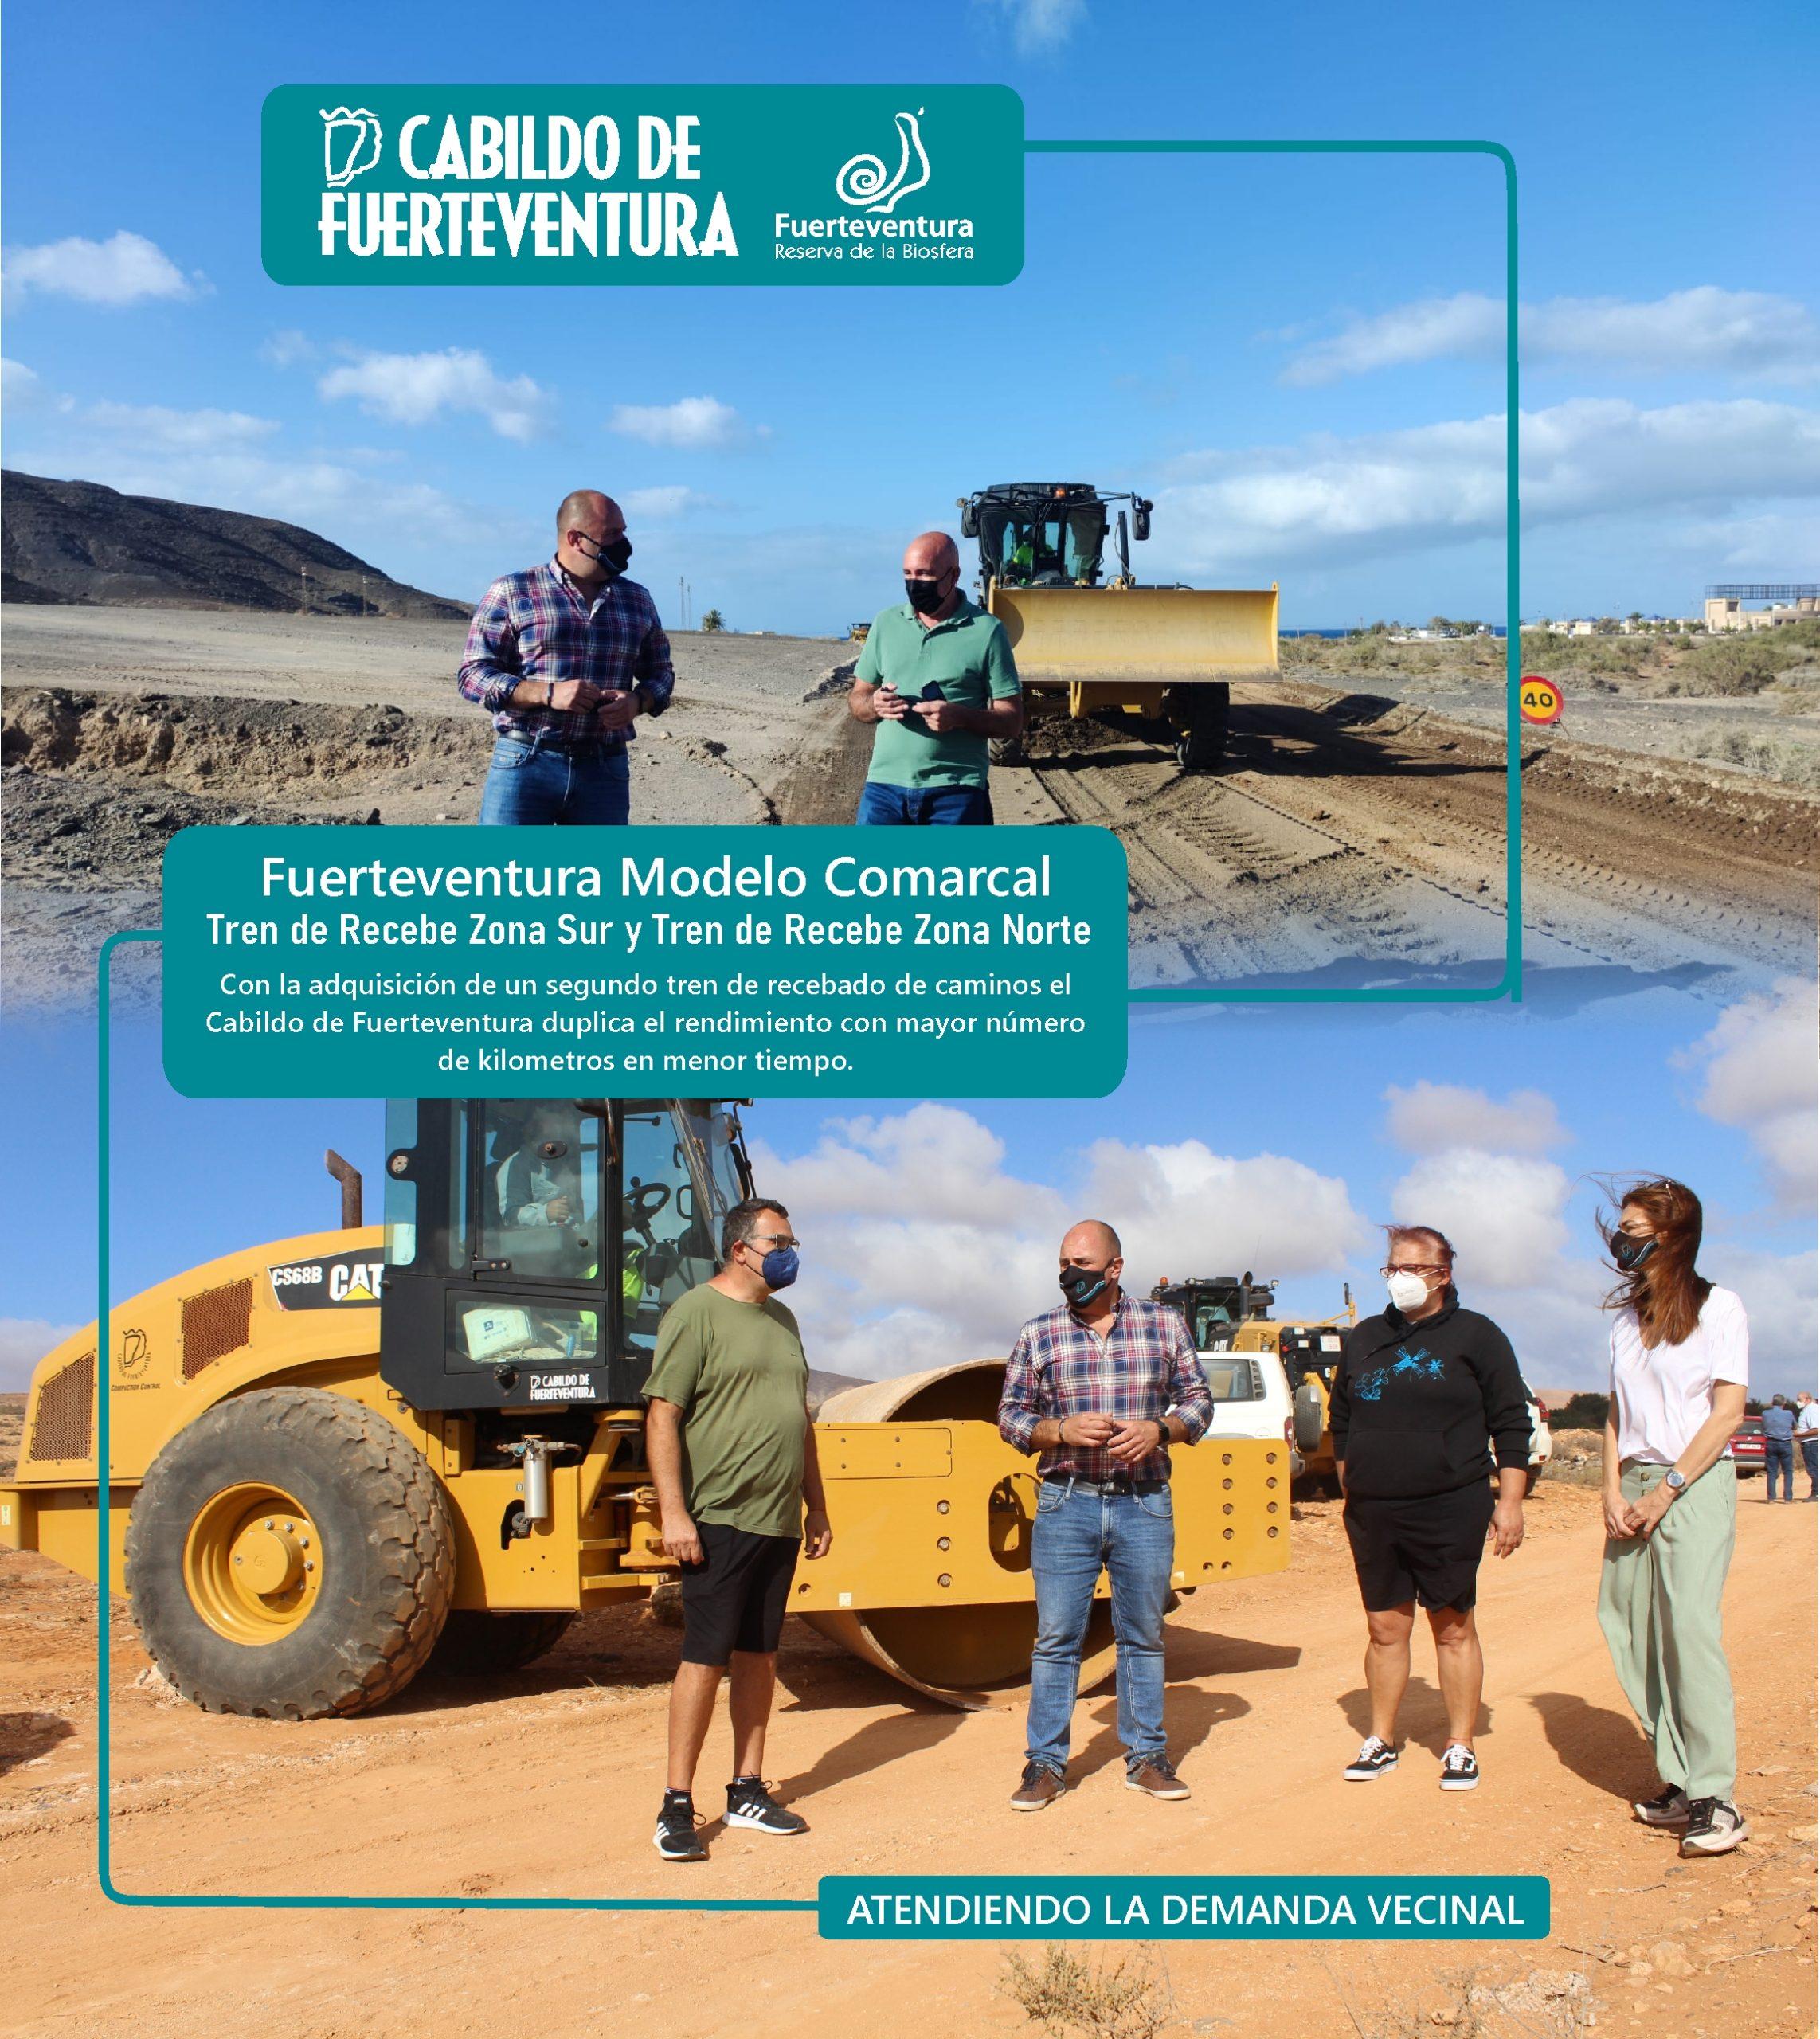 18-junio-2018-CAMINOS-TIERRA-scaled Obras en los caminos de Los Llanos de la Concepción y Altavista